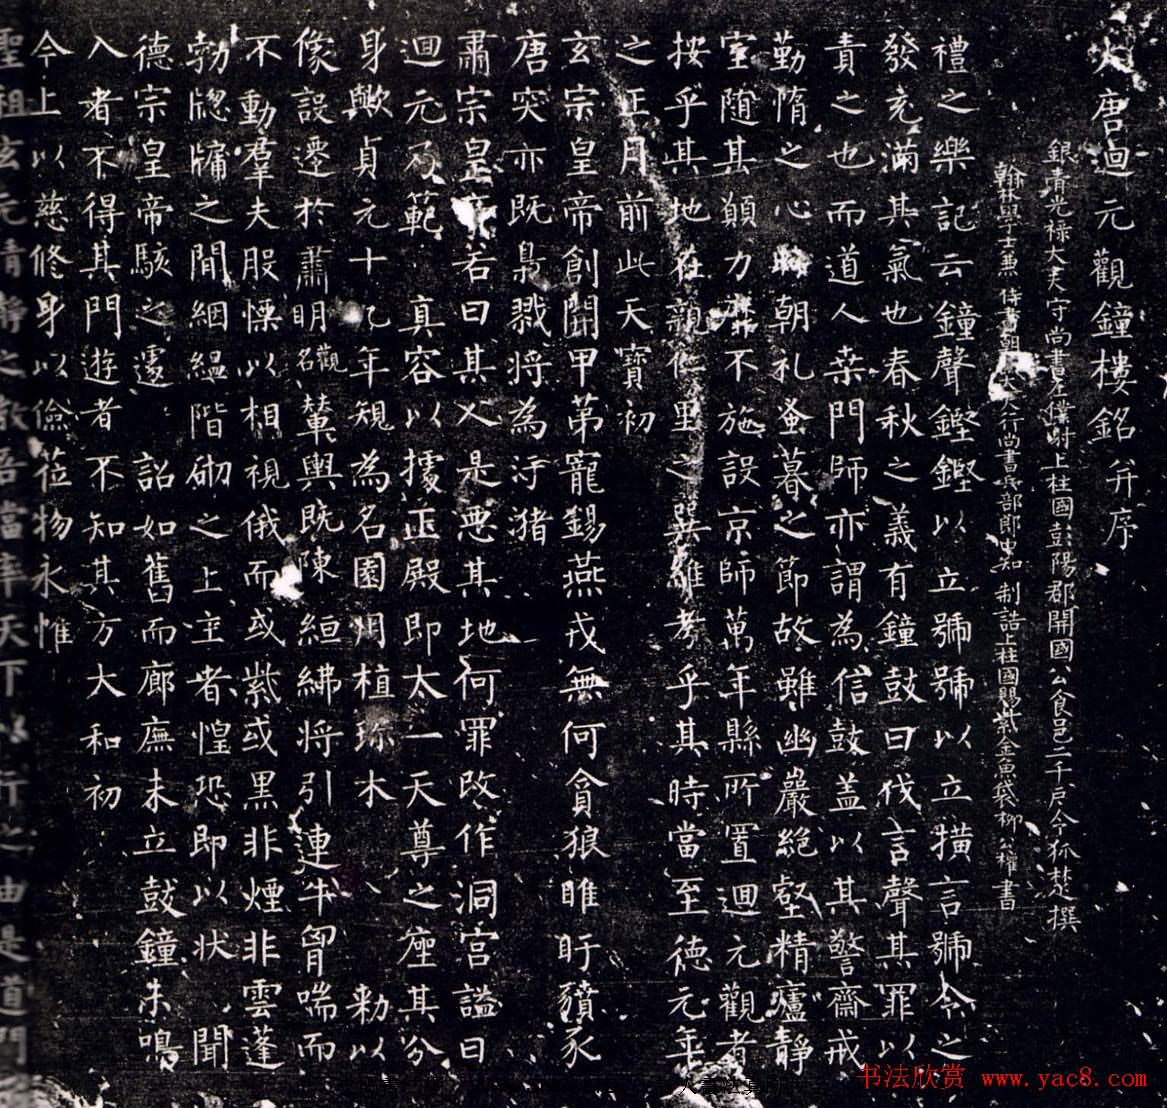 柳公權書法中楷字帖《大唐回元觀鐘樓銘》(共7張圖片)